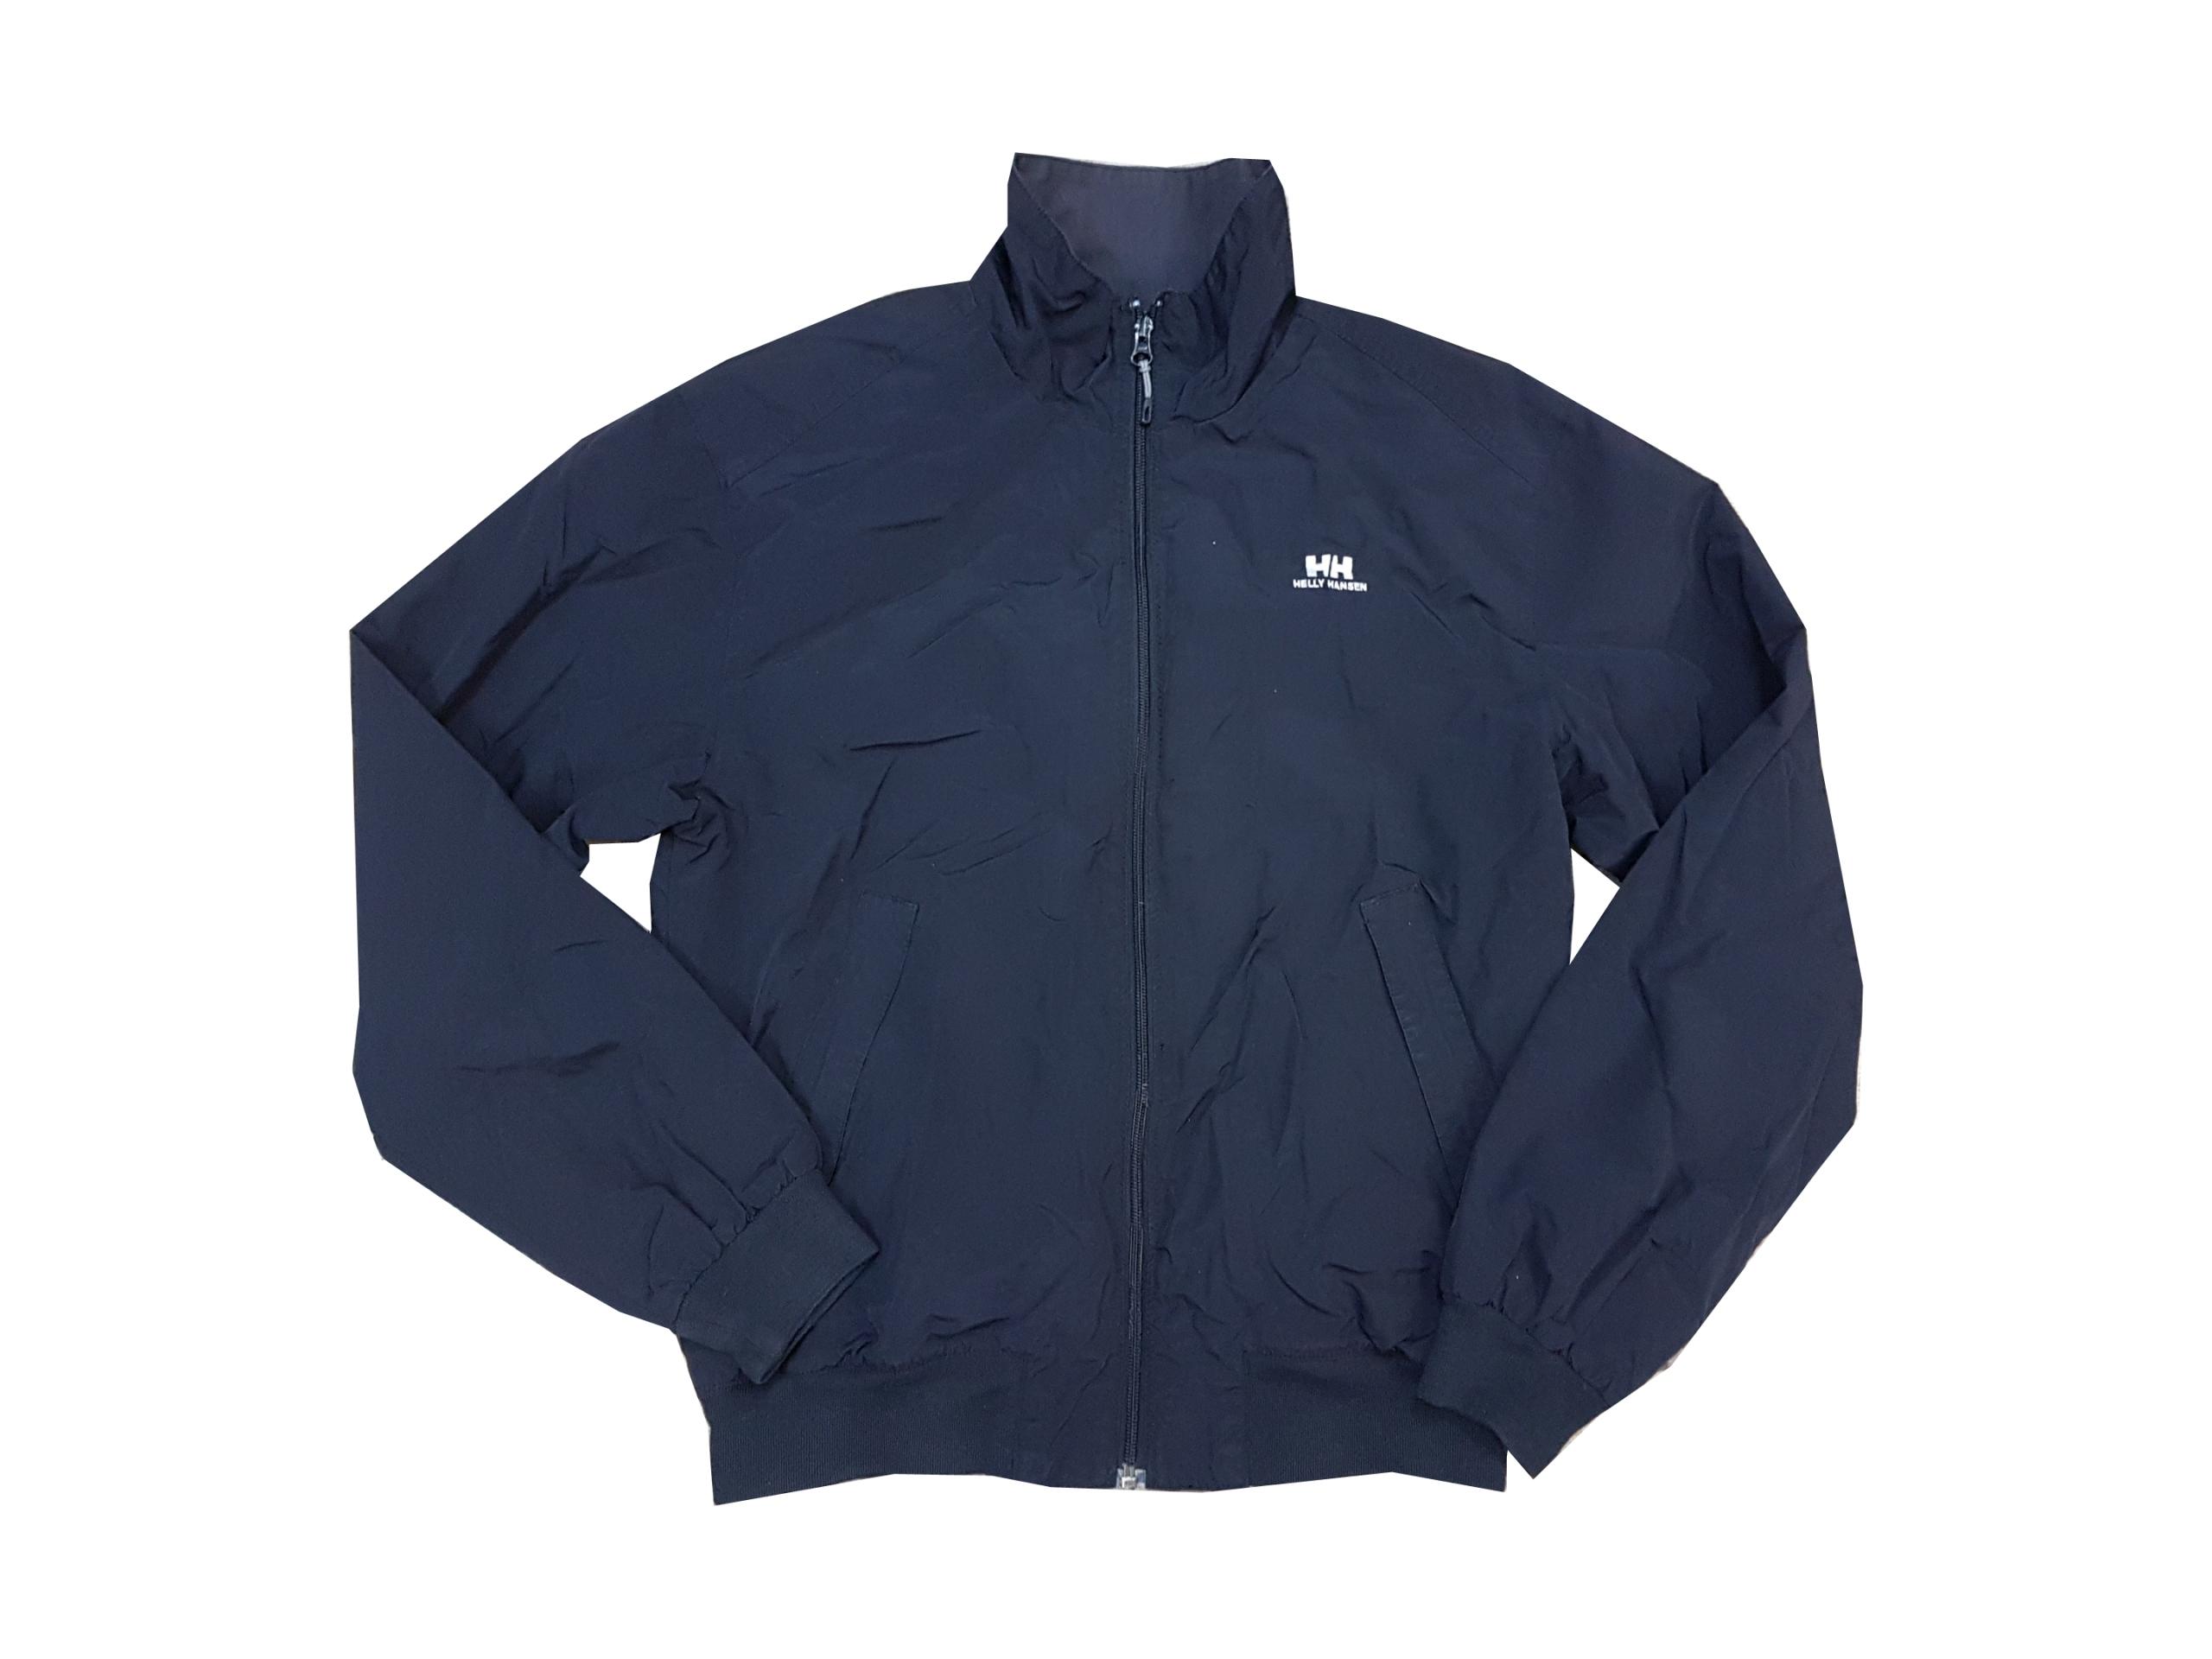 HELLY HANSEN kurtka szwedka przeciwdeszczowa M